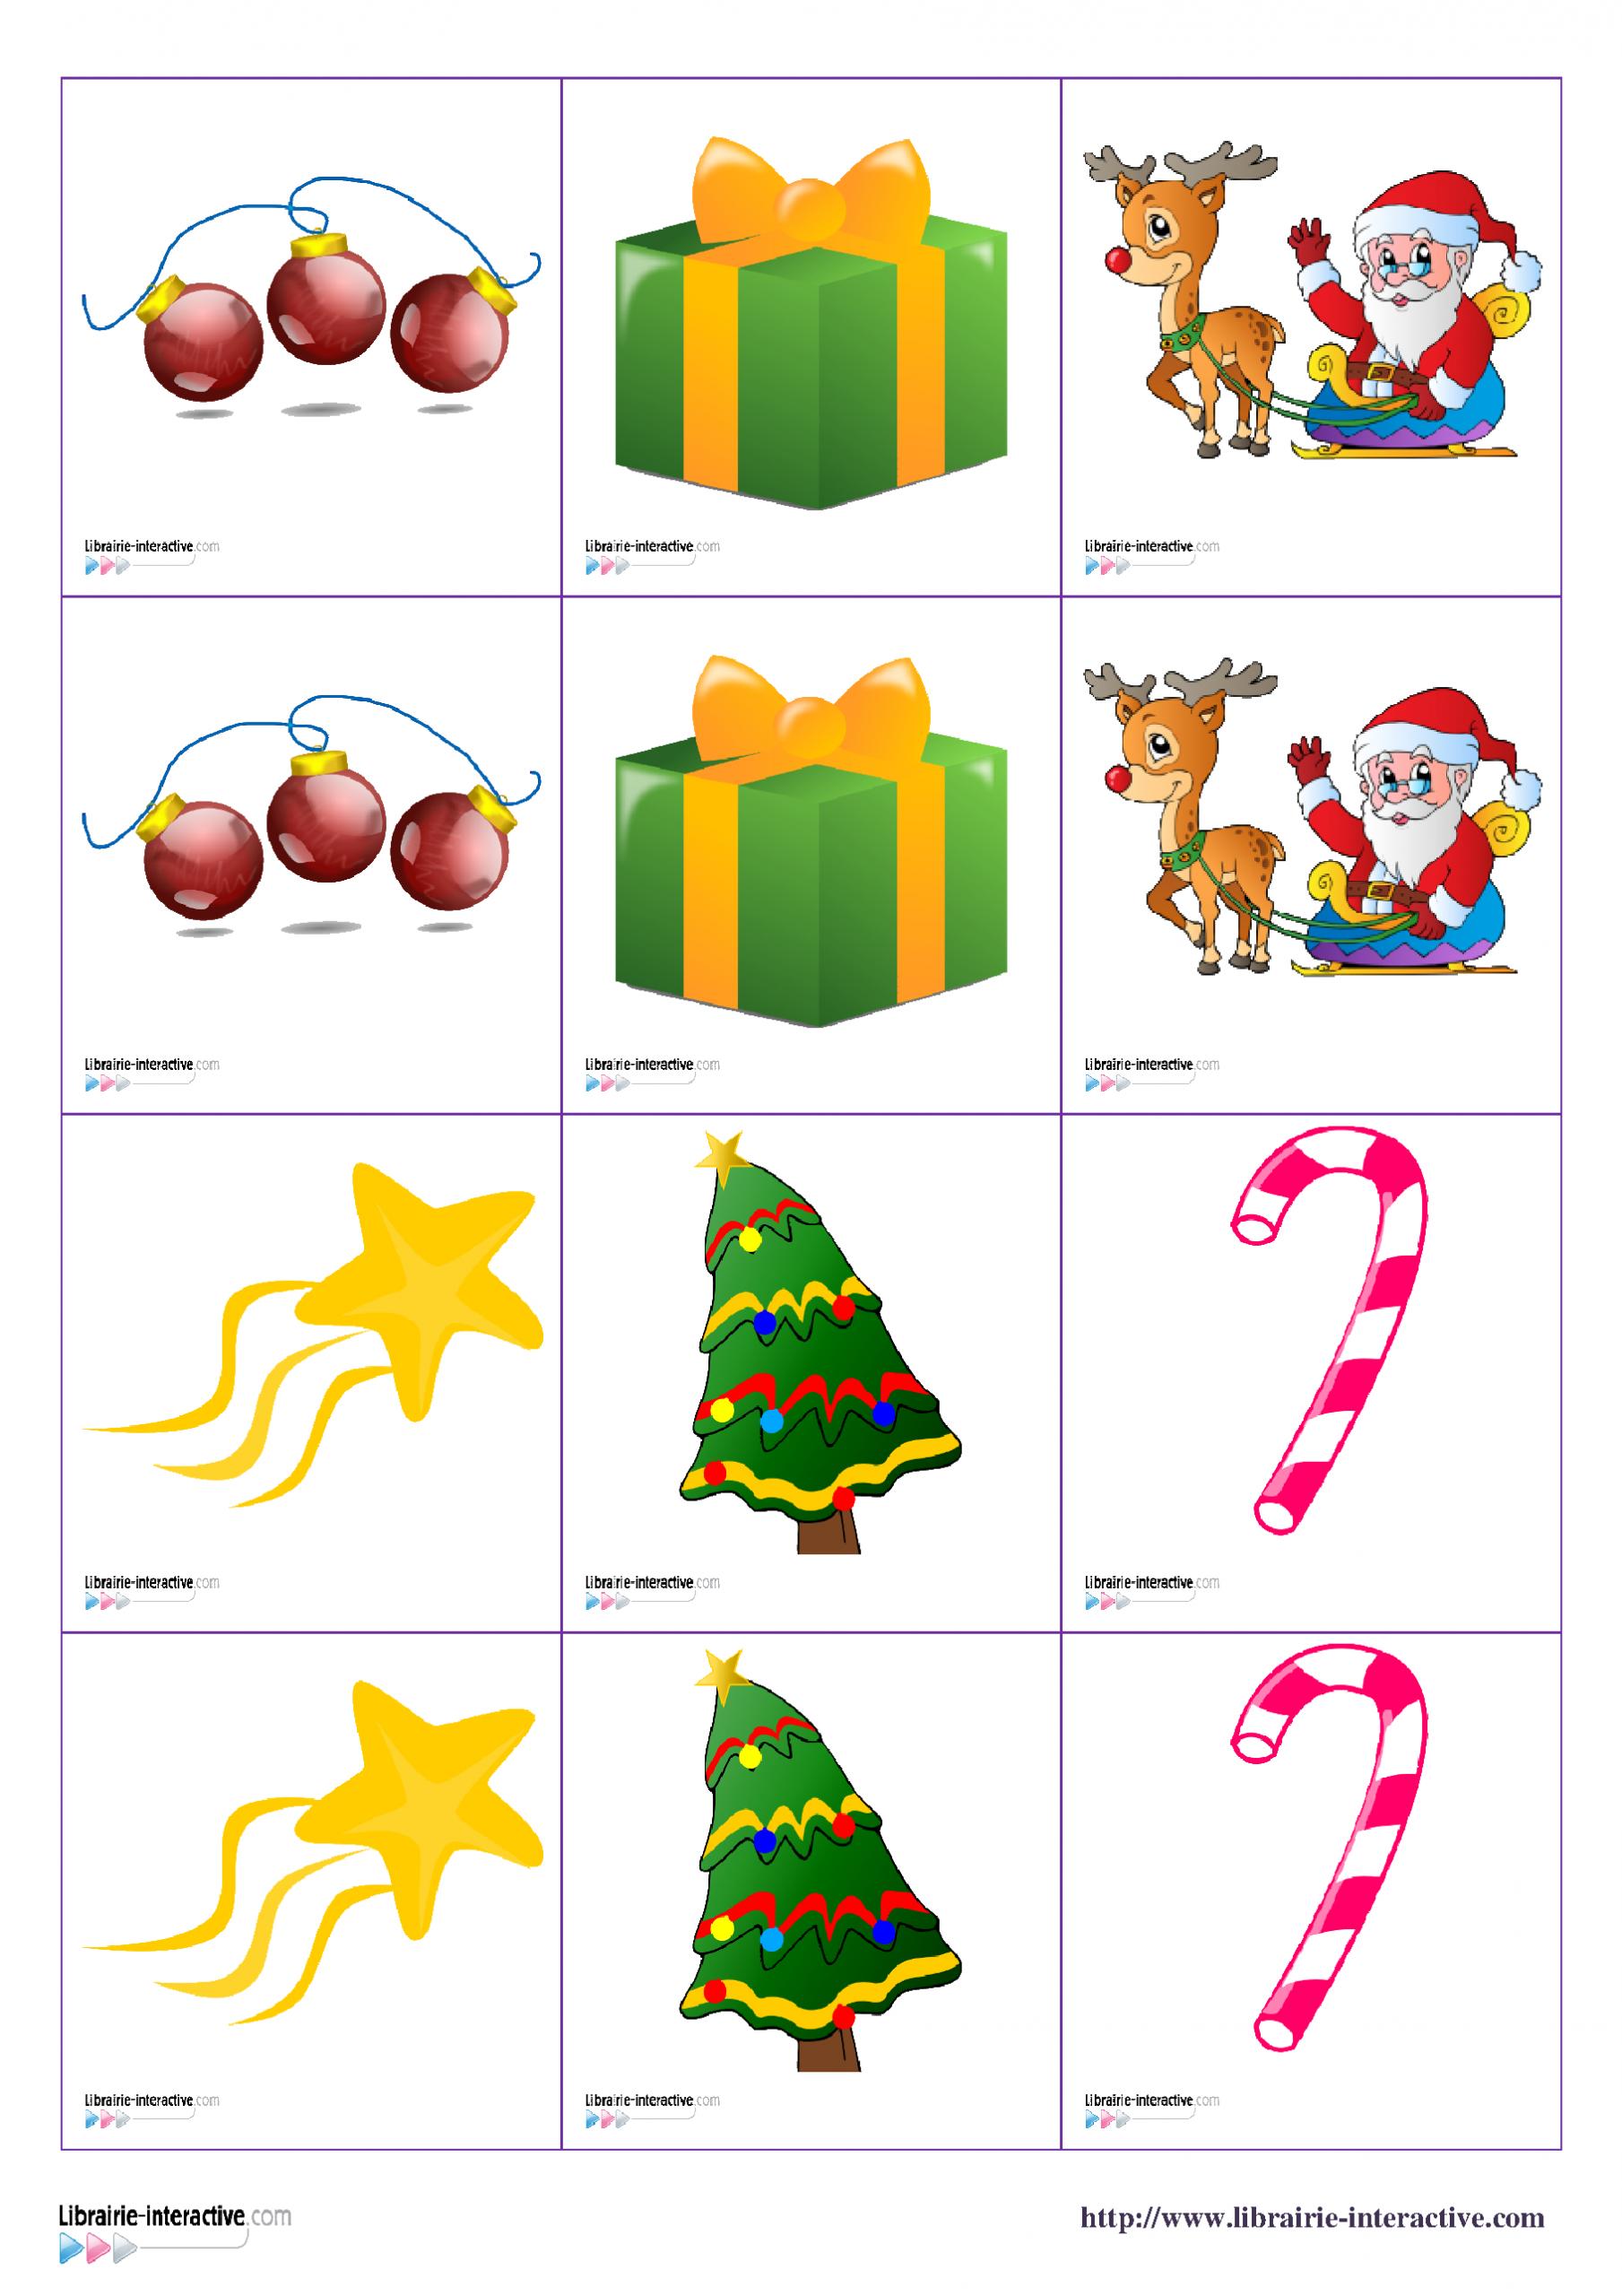 Deux Jeux De Memory De 30 Images Chacun, Sur Le Thème De pour Jeu Memory Enfant